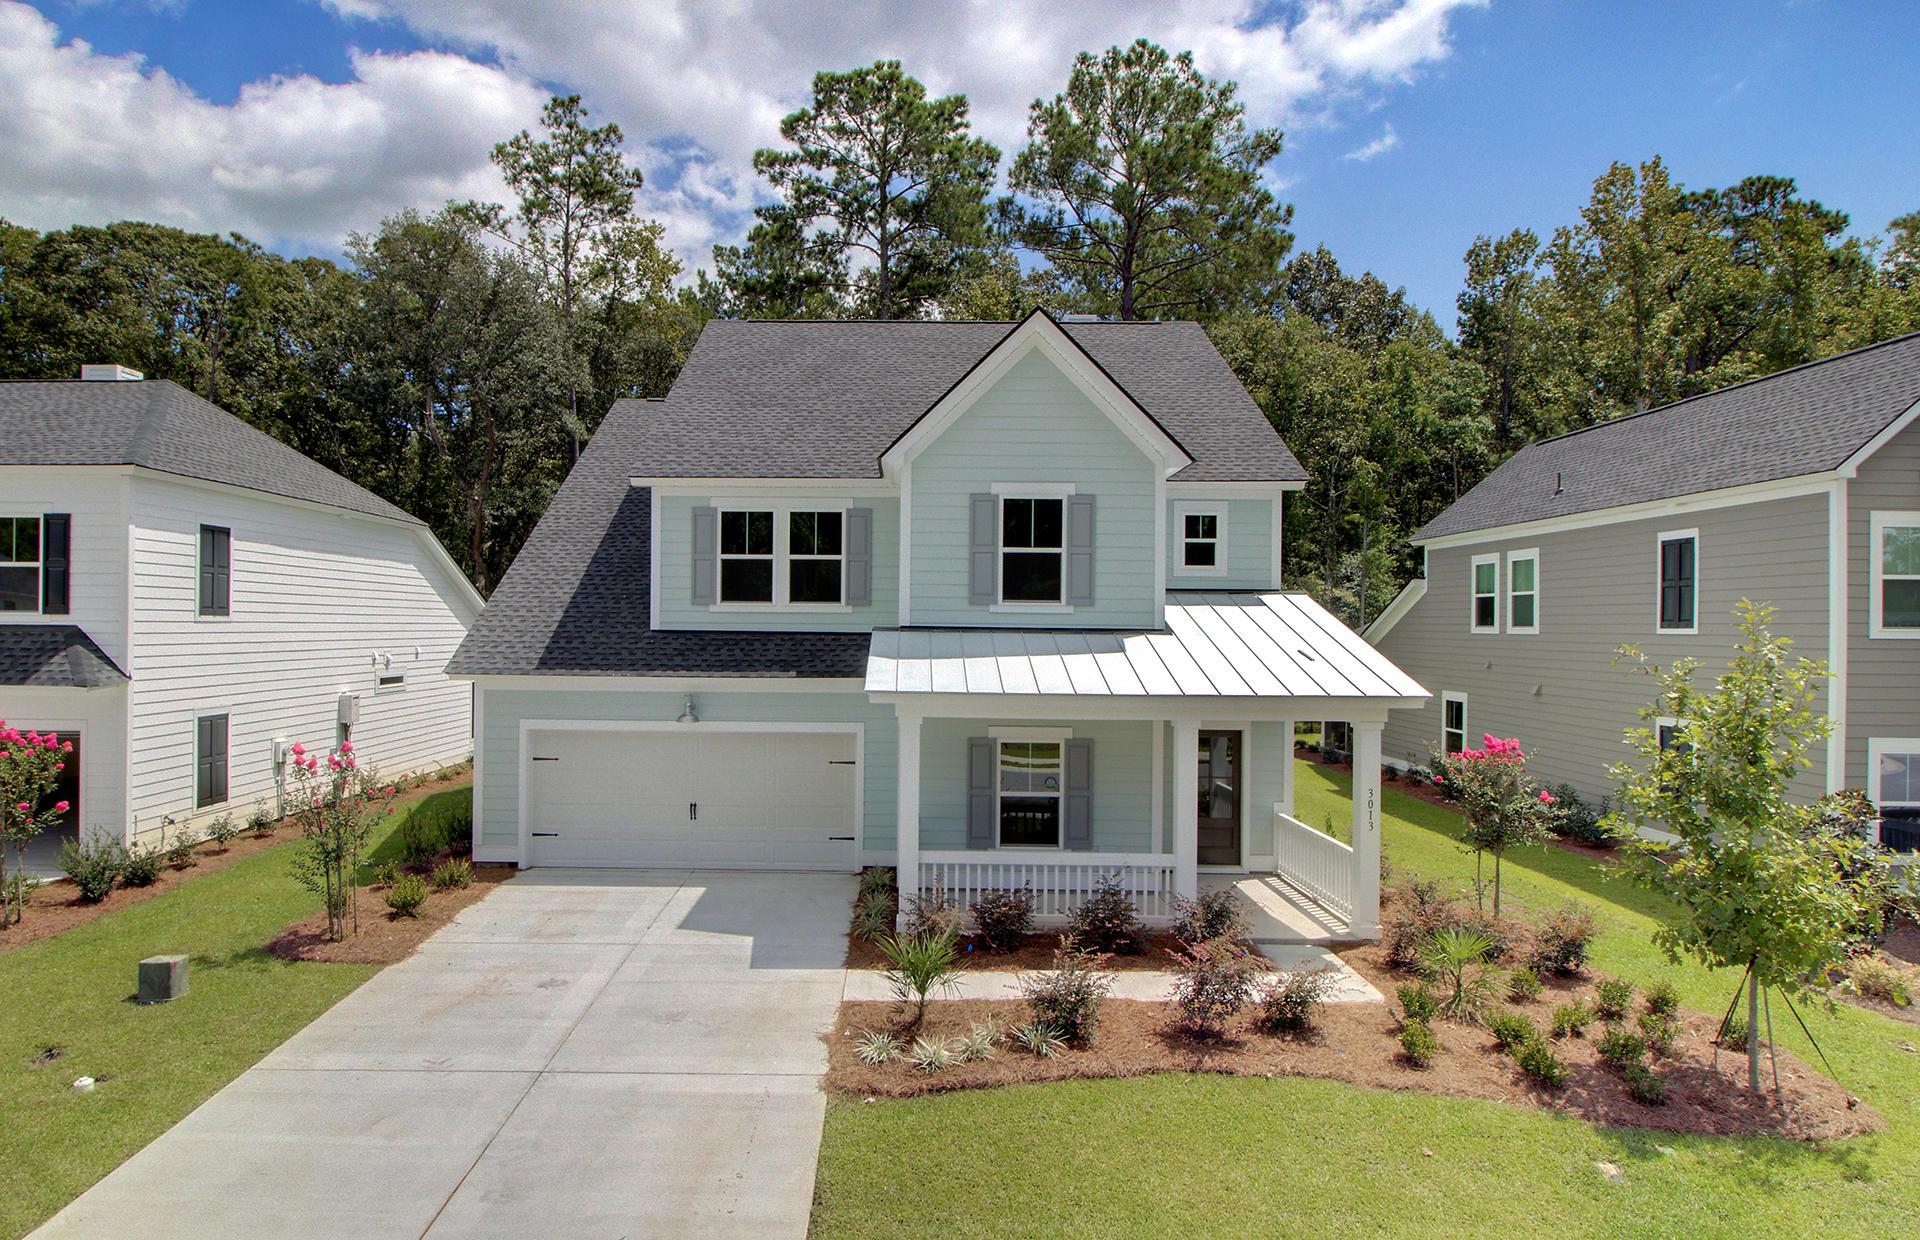 Park West Homes For Sale - 3013 Caspian, Mount Pleasant, SC - 50